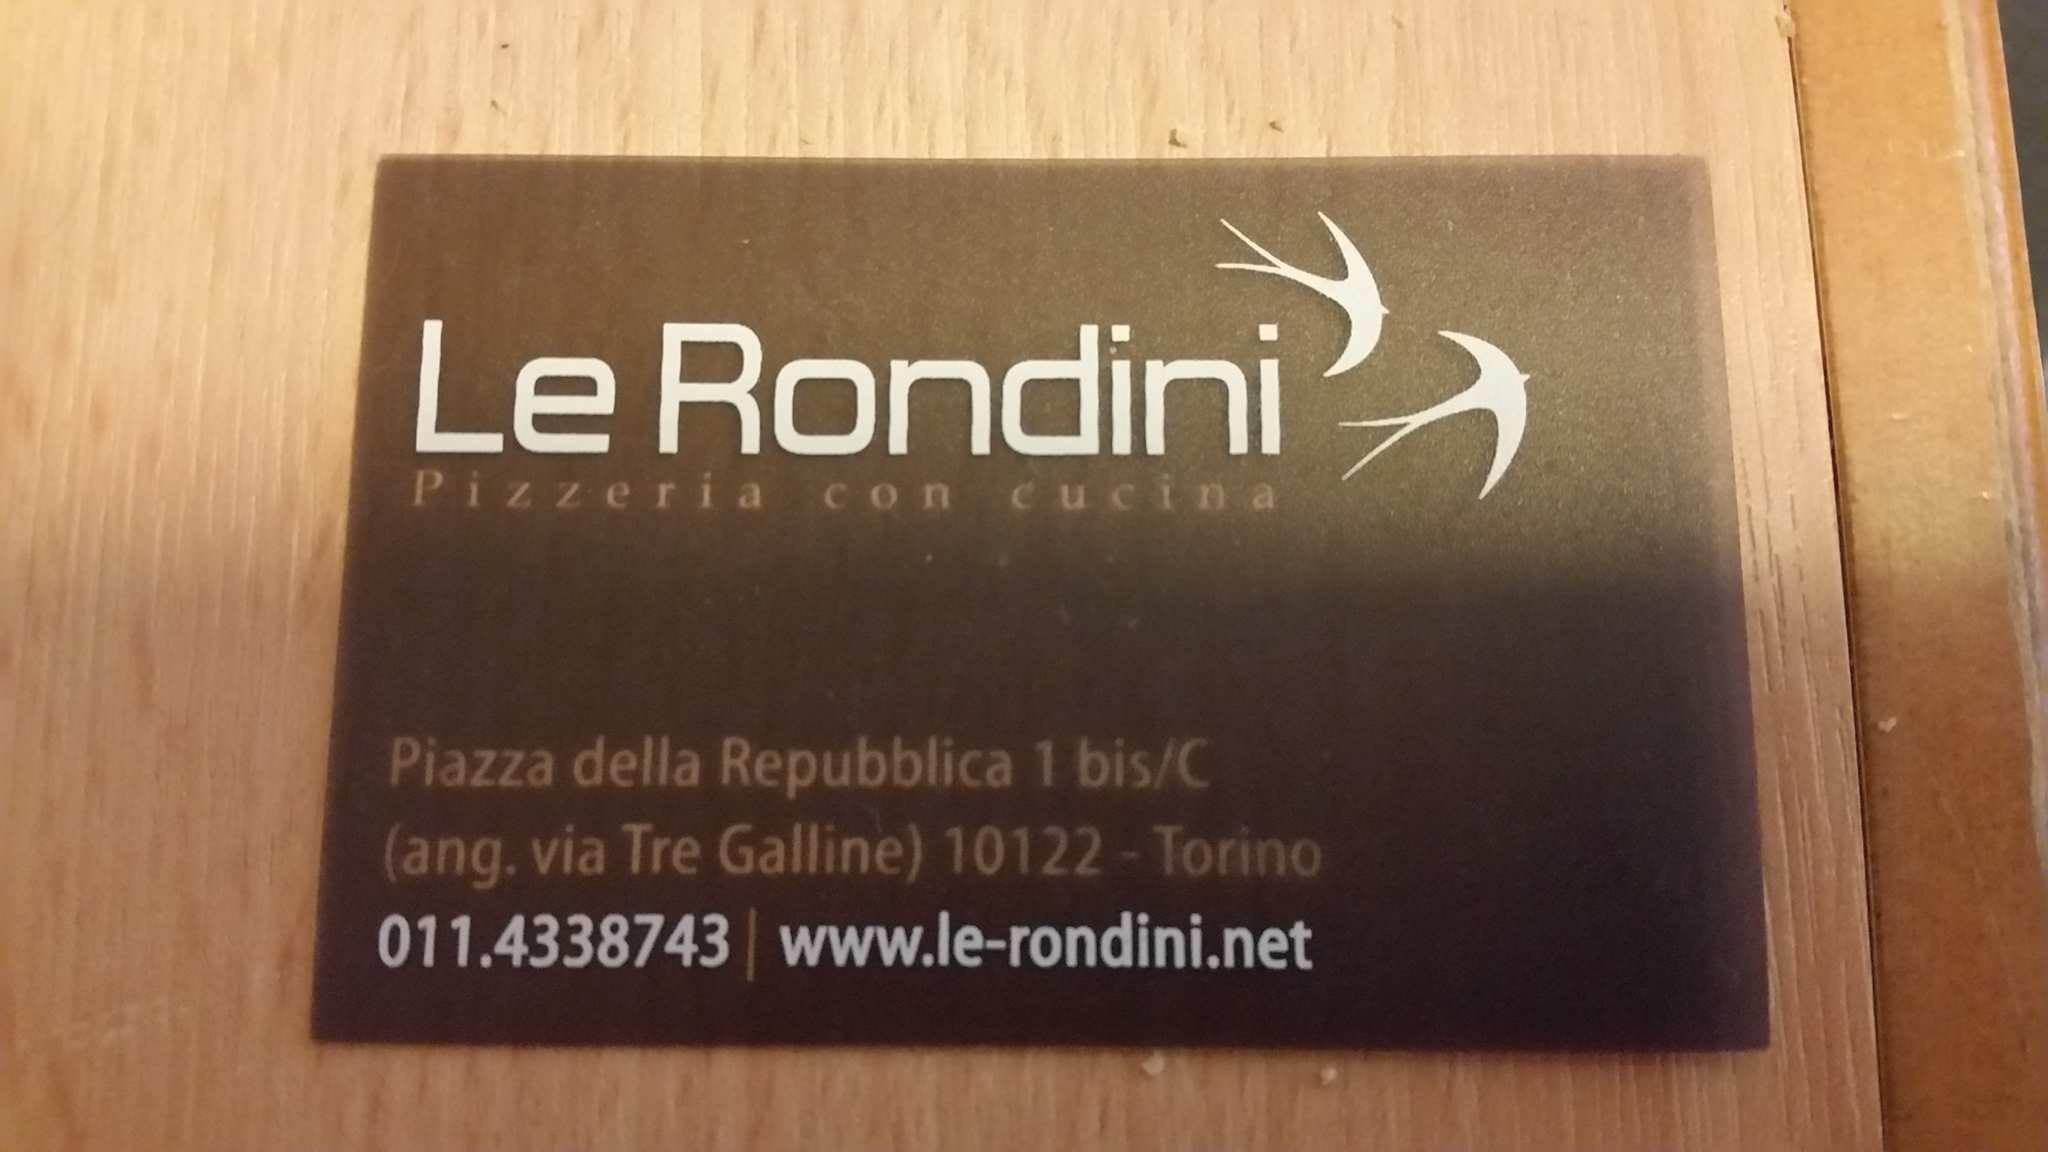 Le Rondini Pizza restaurant in Turin